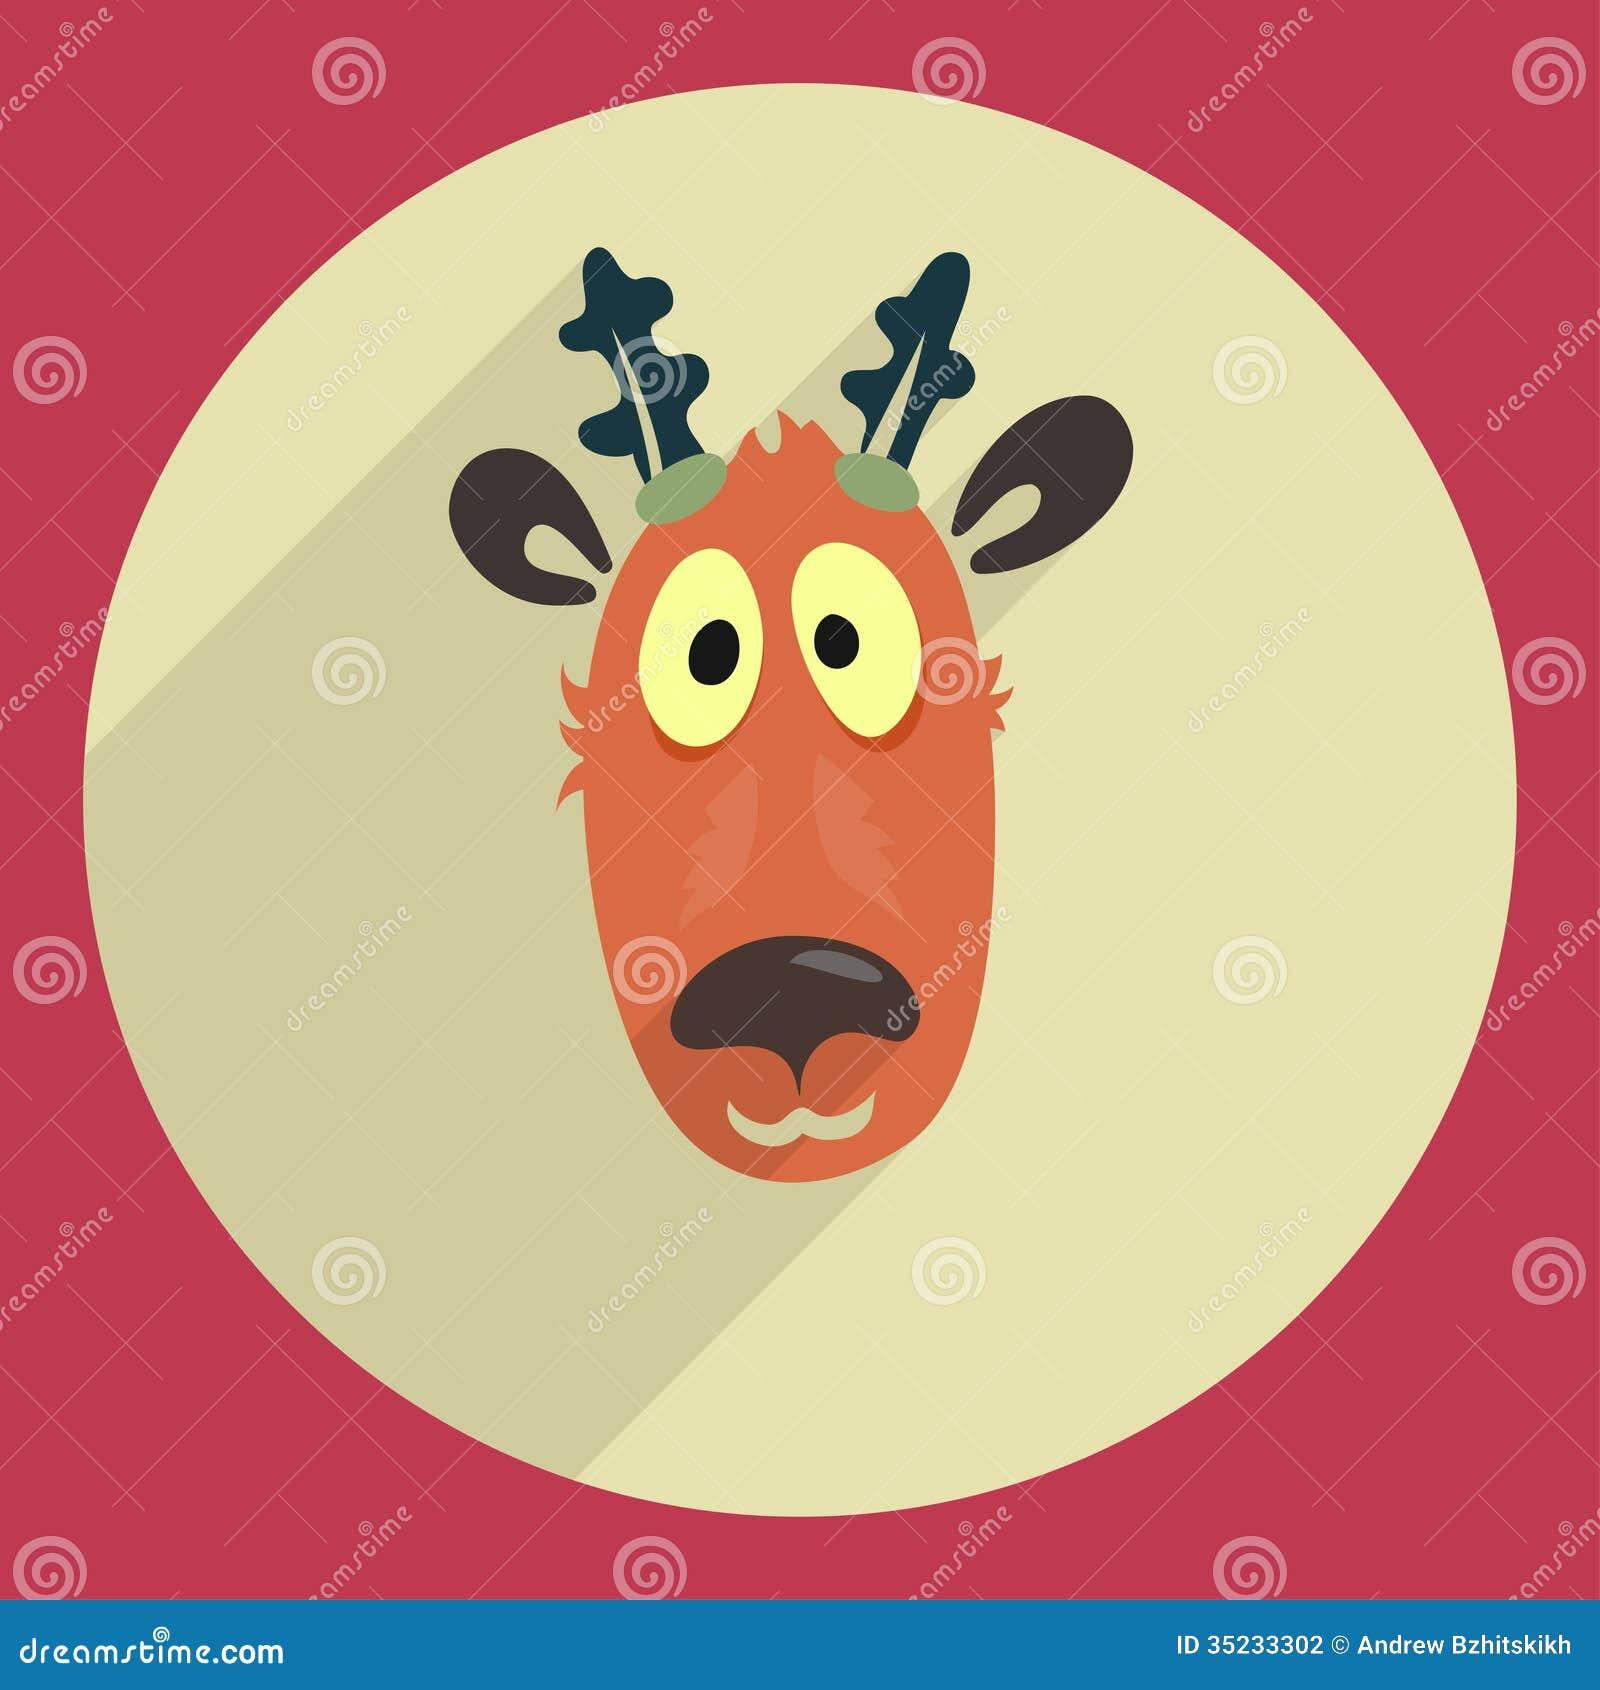 Cartoon Reindeer Head Template Flat design cartoon head of a